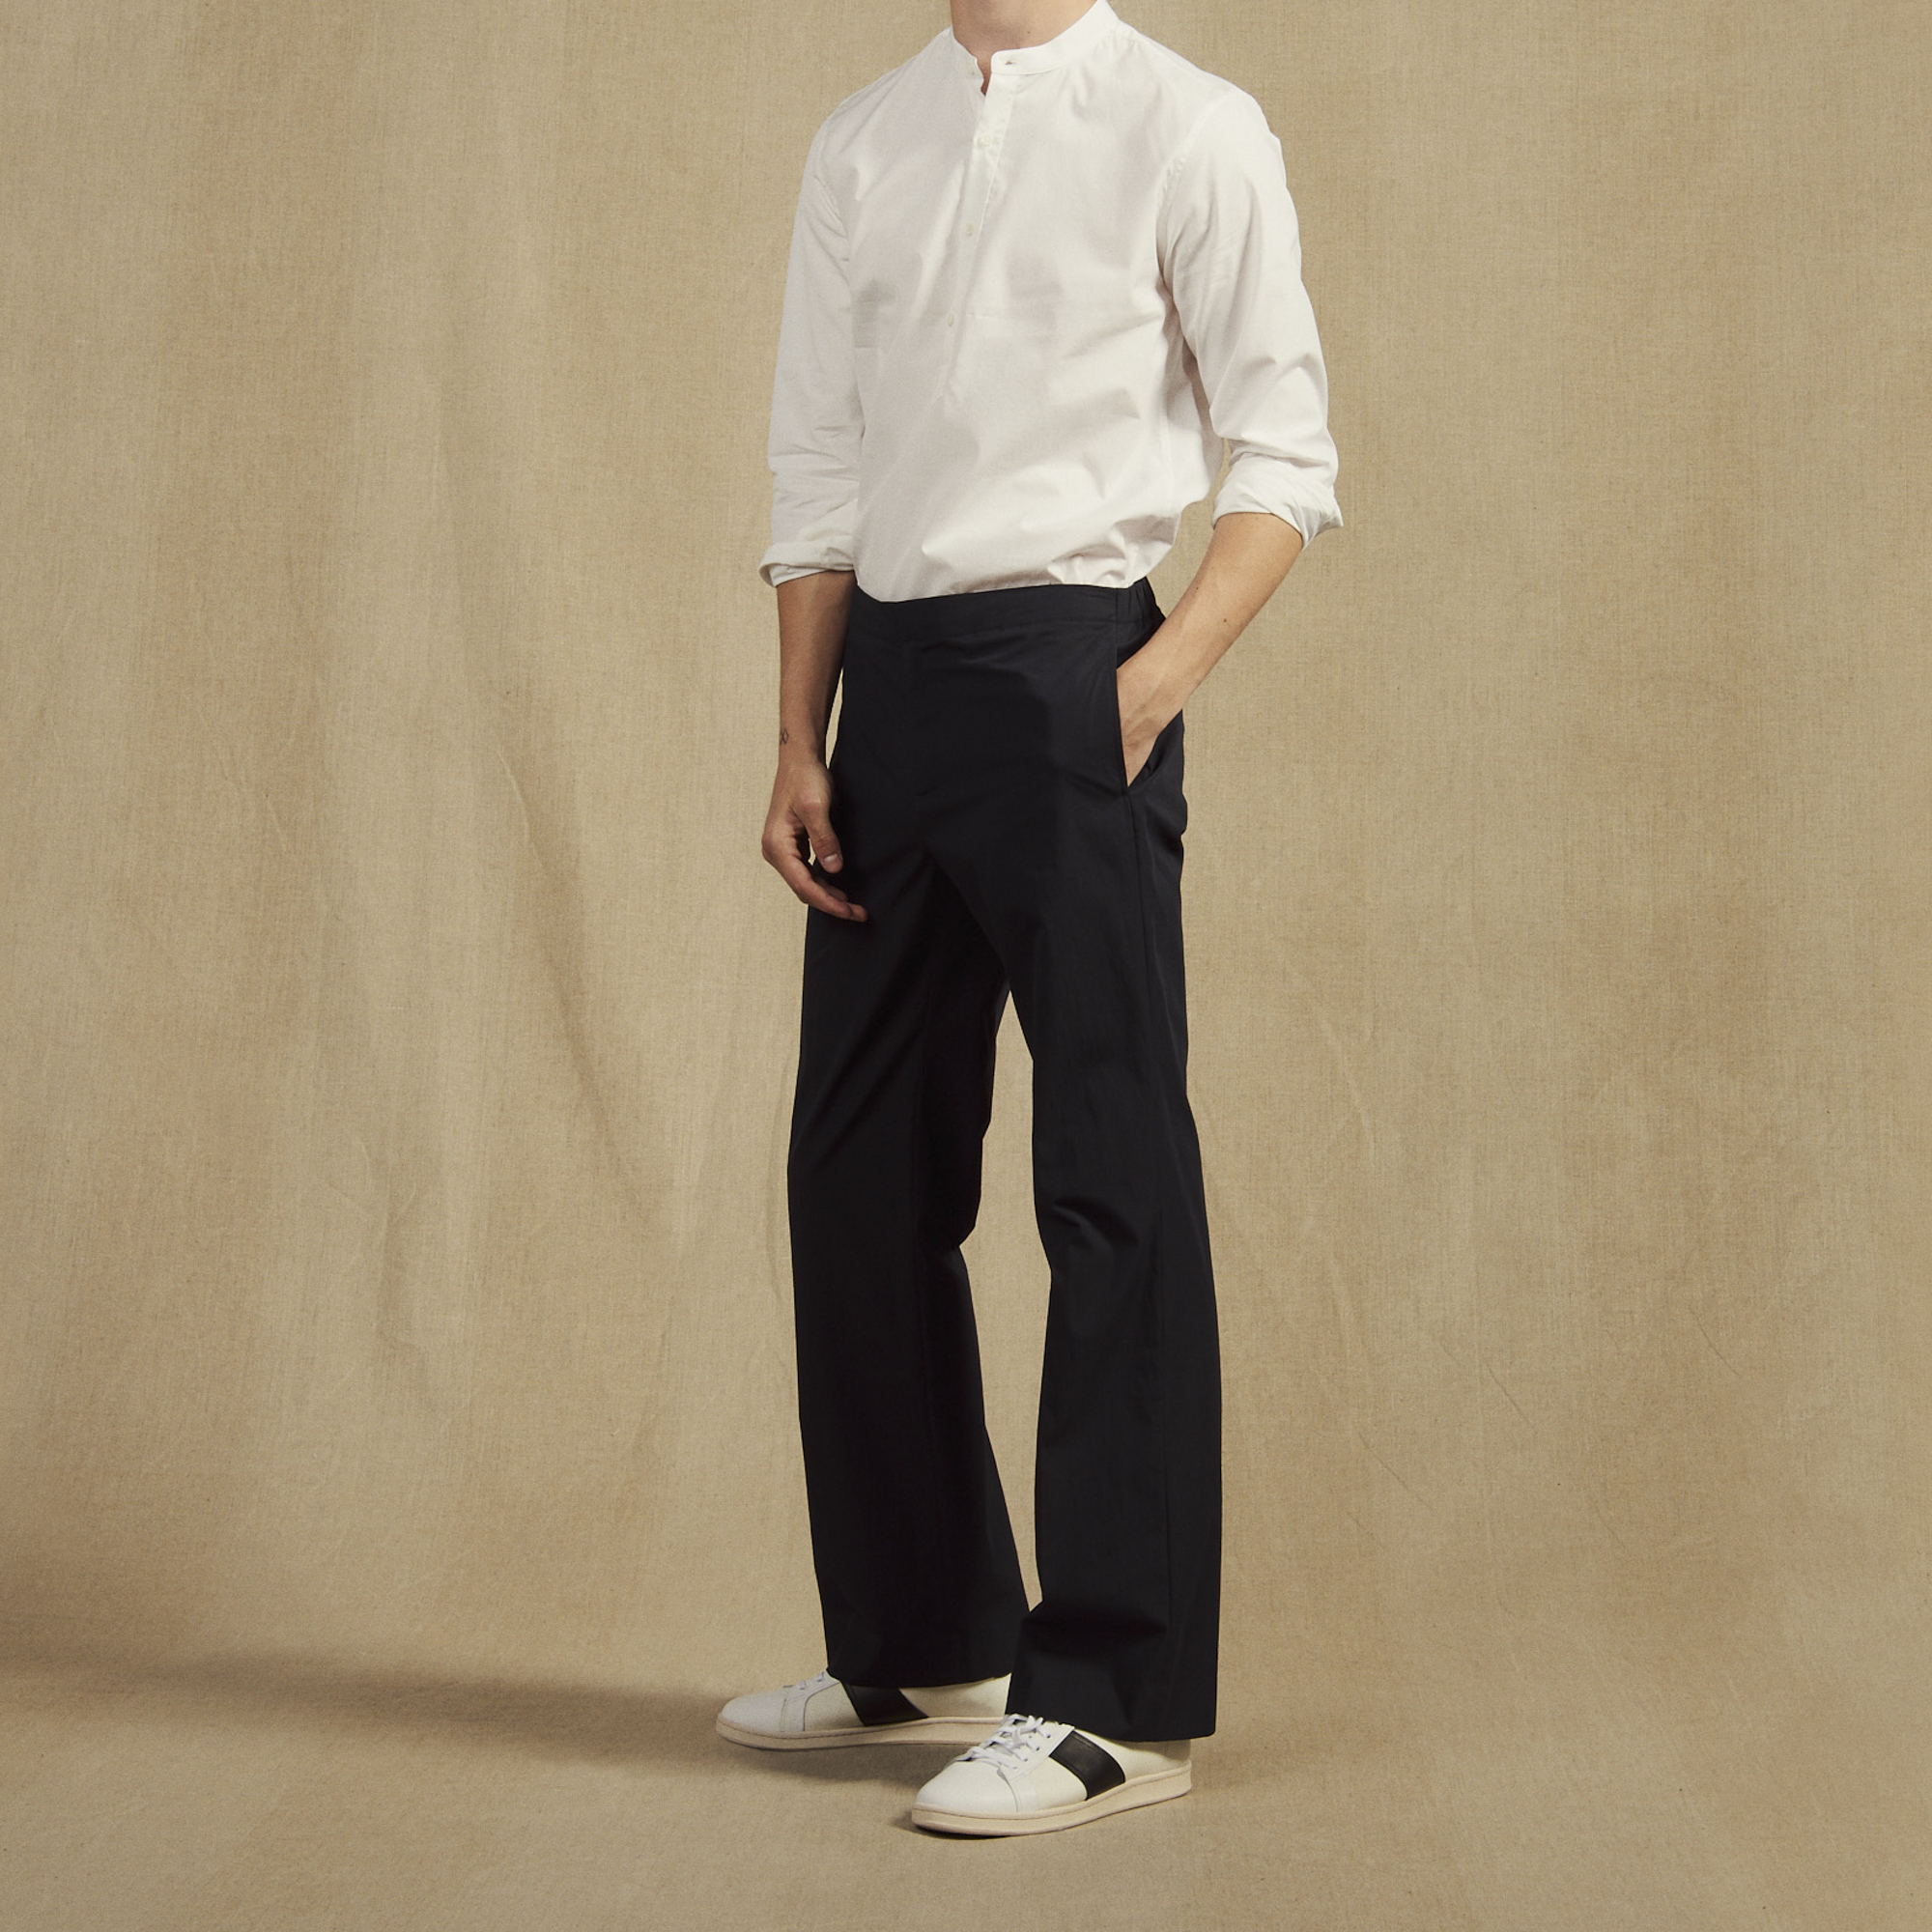 pantalon taille lastique en coton p6622s marine. Black Bedroom Furniture Sets. Home Design Ideas